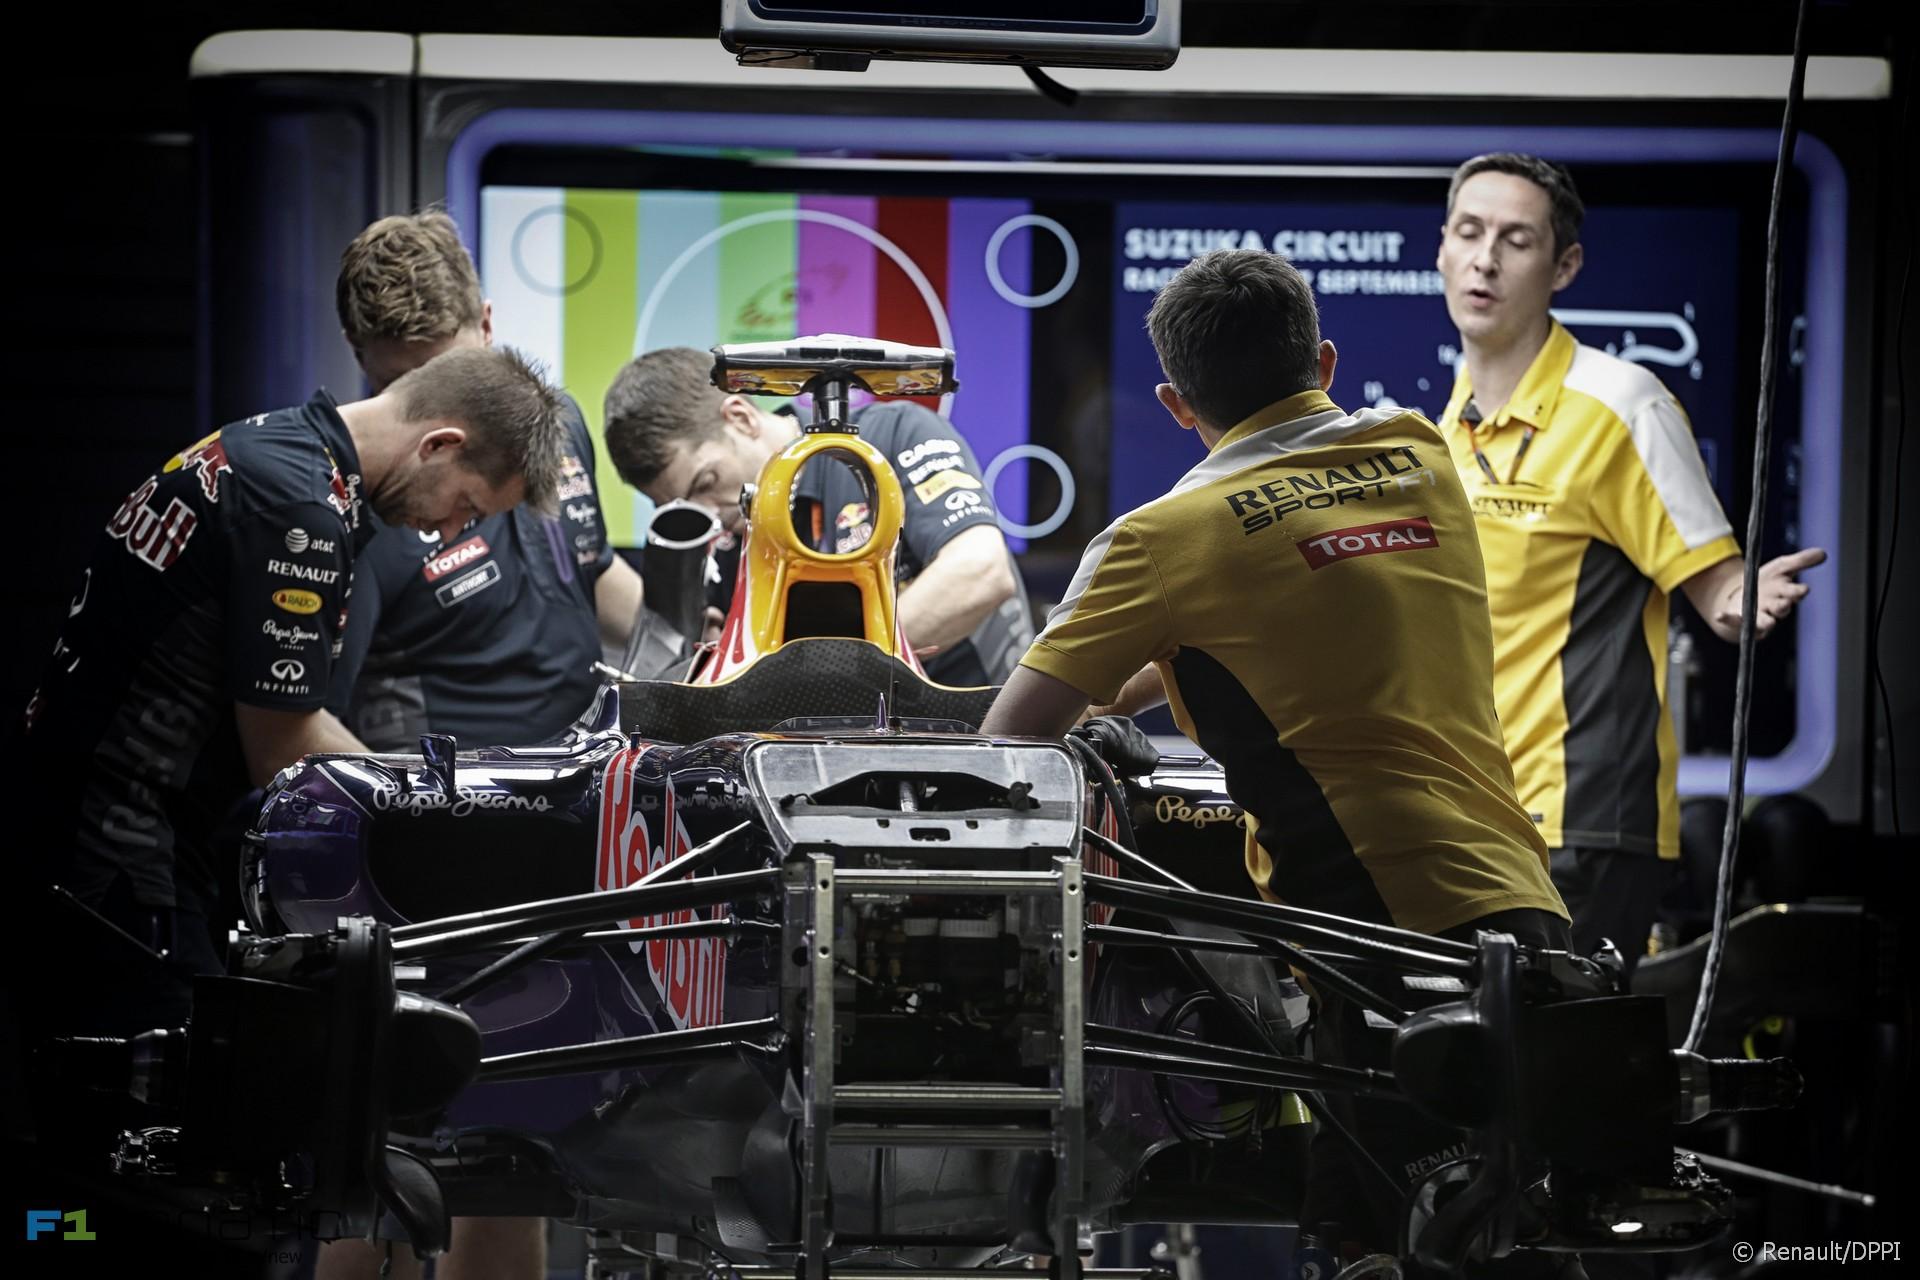 Red Bull and Renault mechanics, Suzuka, 2015